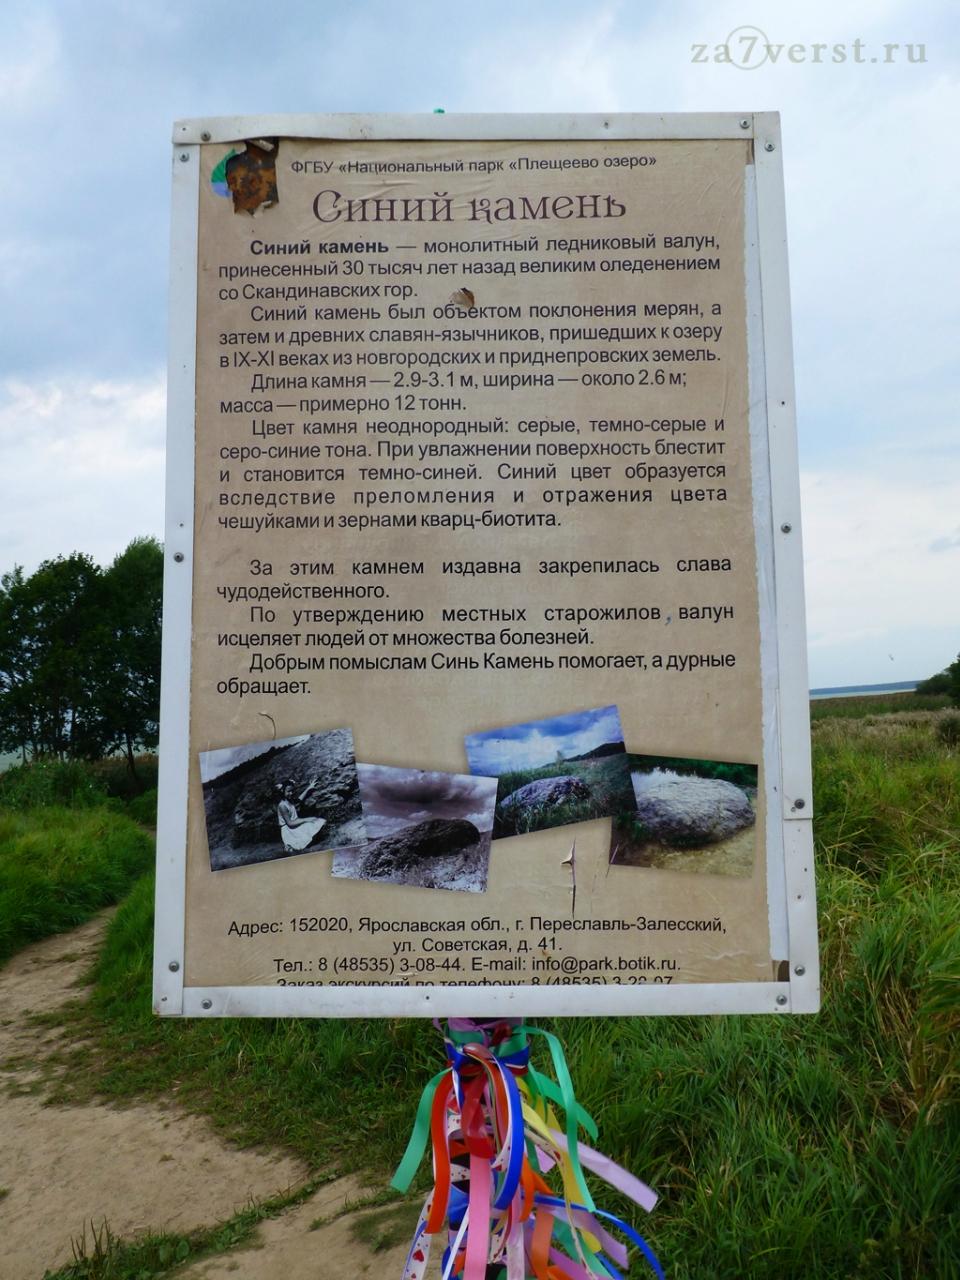 Табличка с информацией о синем камне